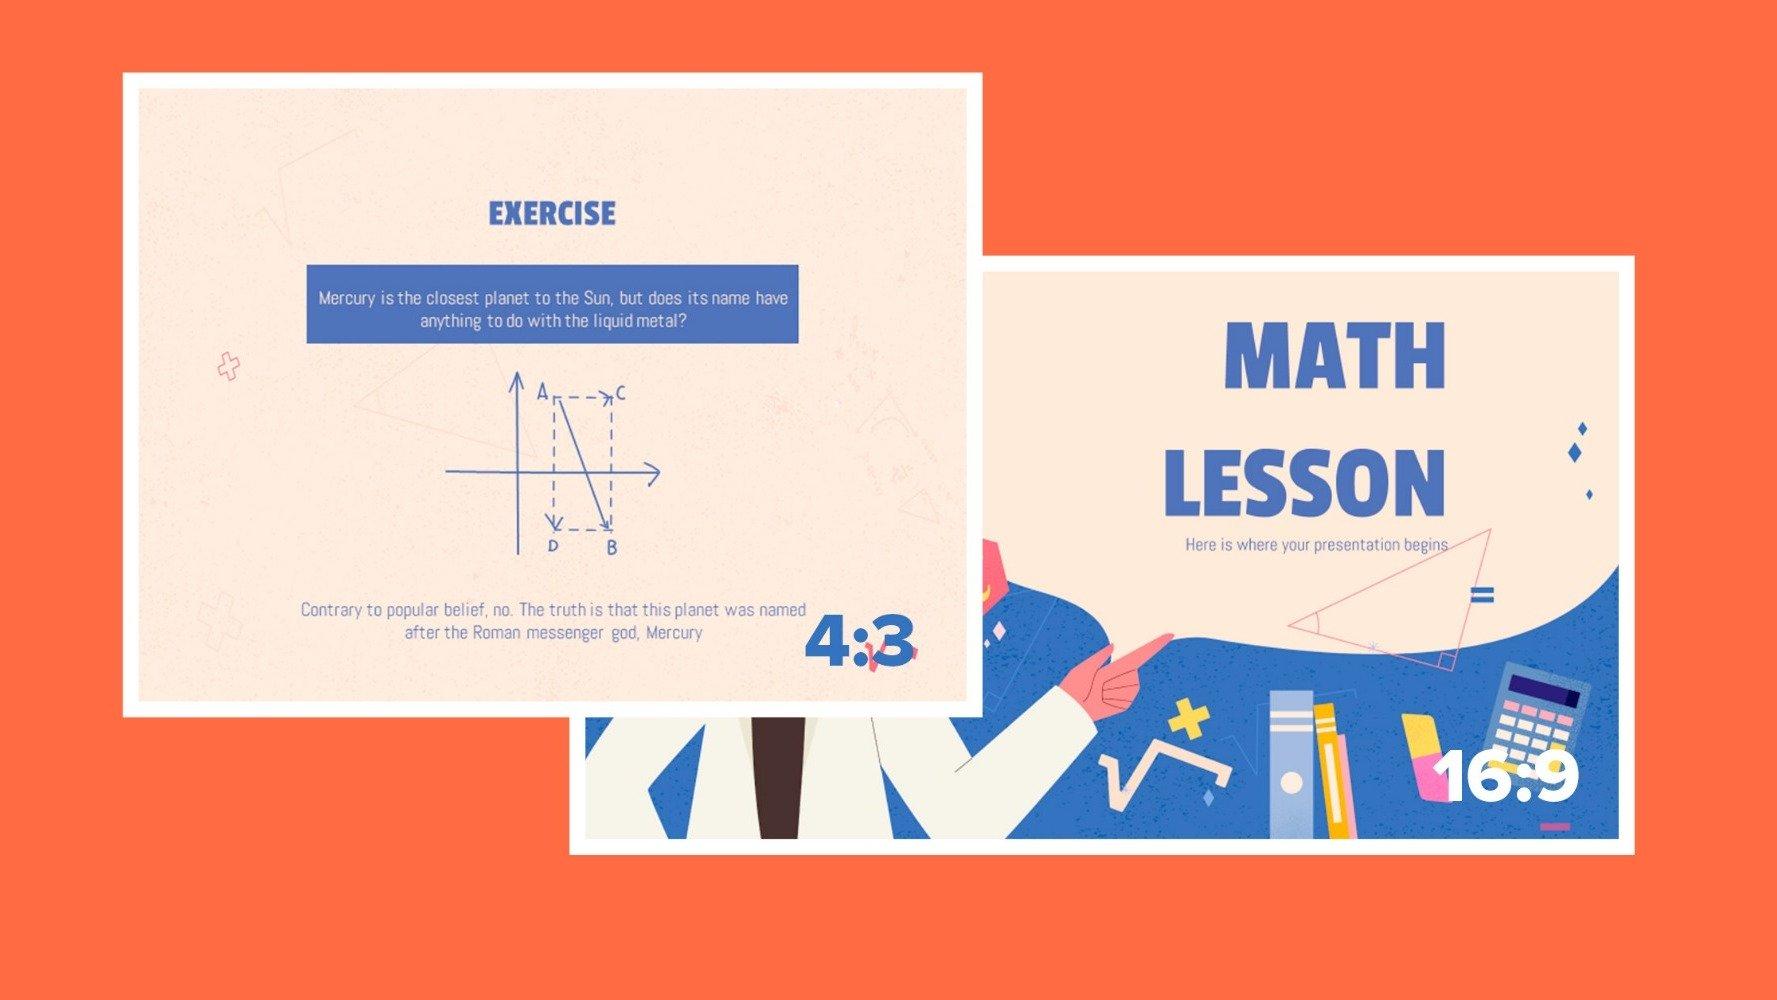 نحوه تغییر اندازه اسلاید در پاورپوینت |  نکات سریع و آموزش برای ارائه های خود